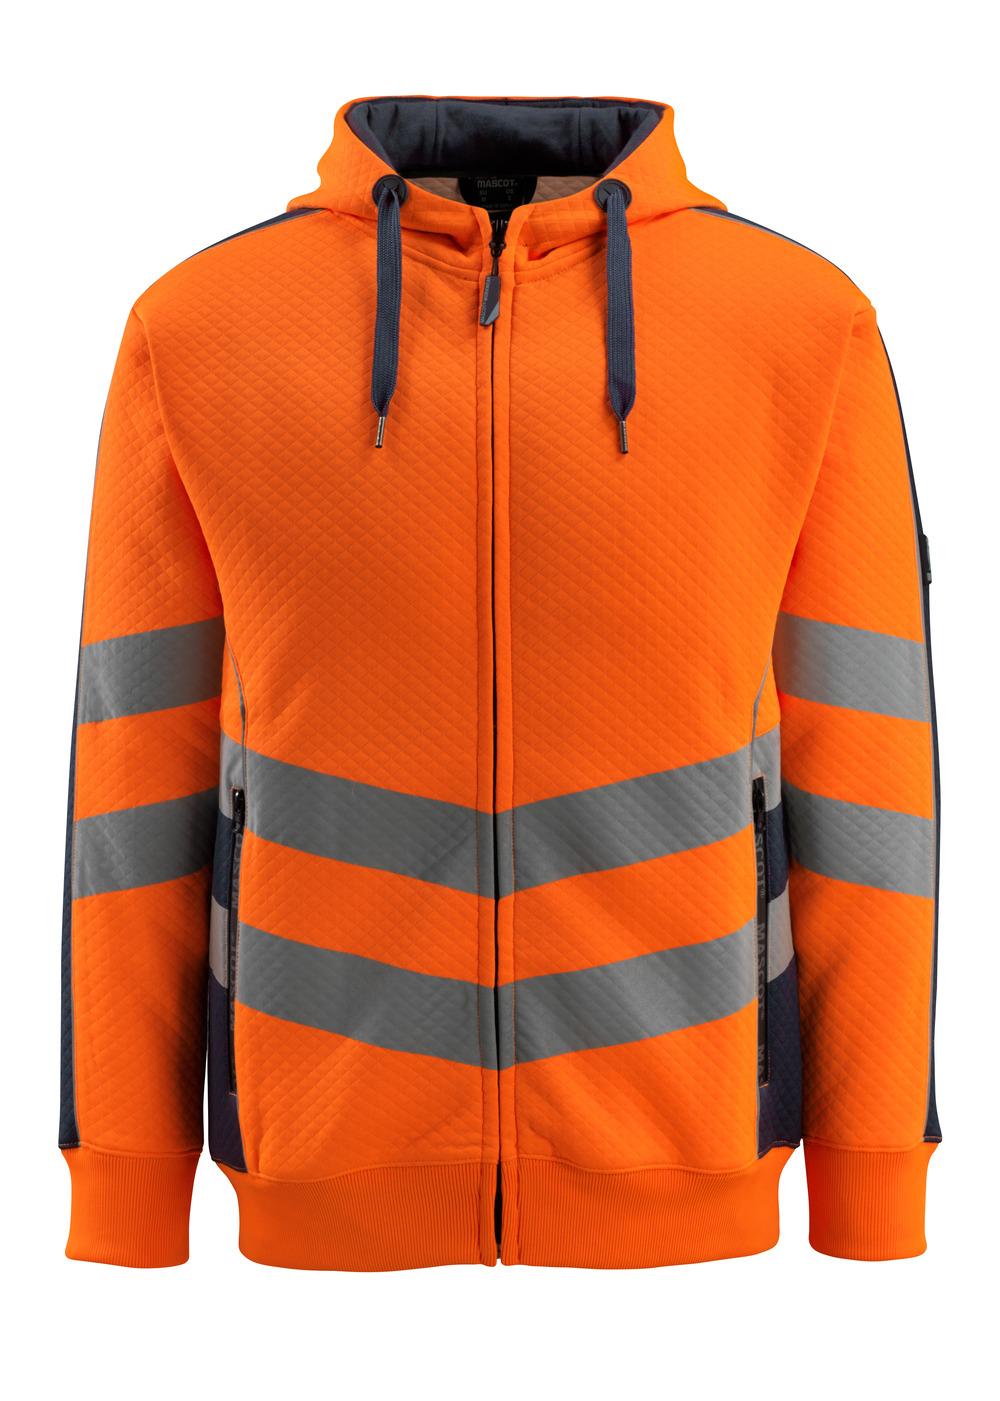 50138-932-14010 Huppari vetoketjulla - hi-vis oranssi/tumma laivastonsininen